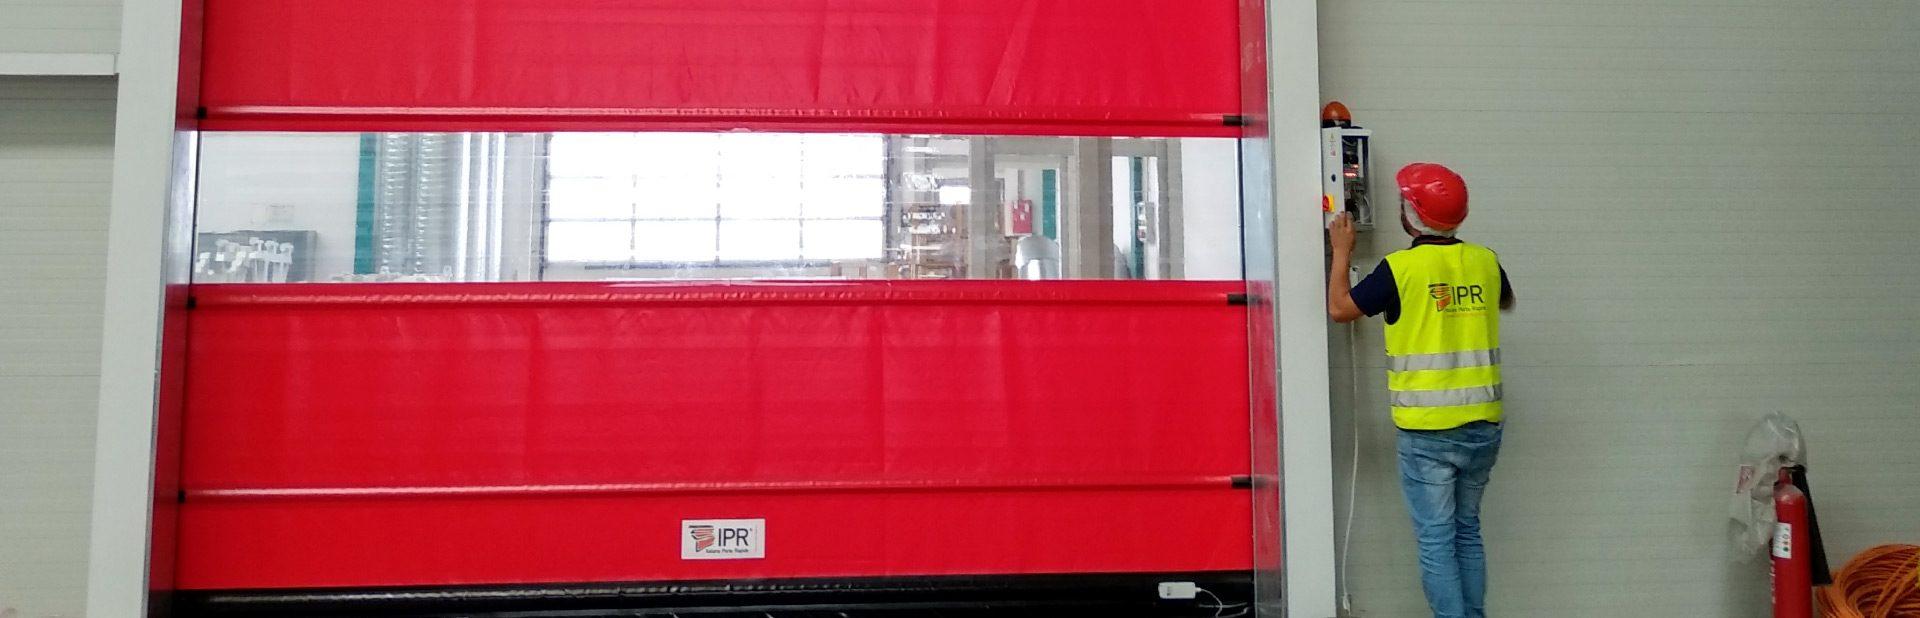 Montagem porta rápida IPR Portugal em Viana do Castelo